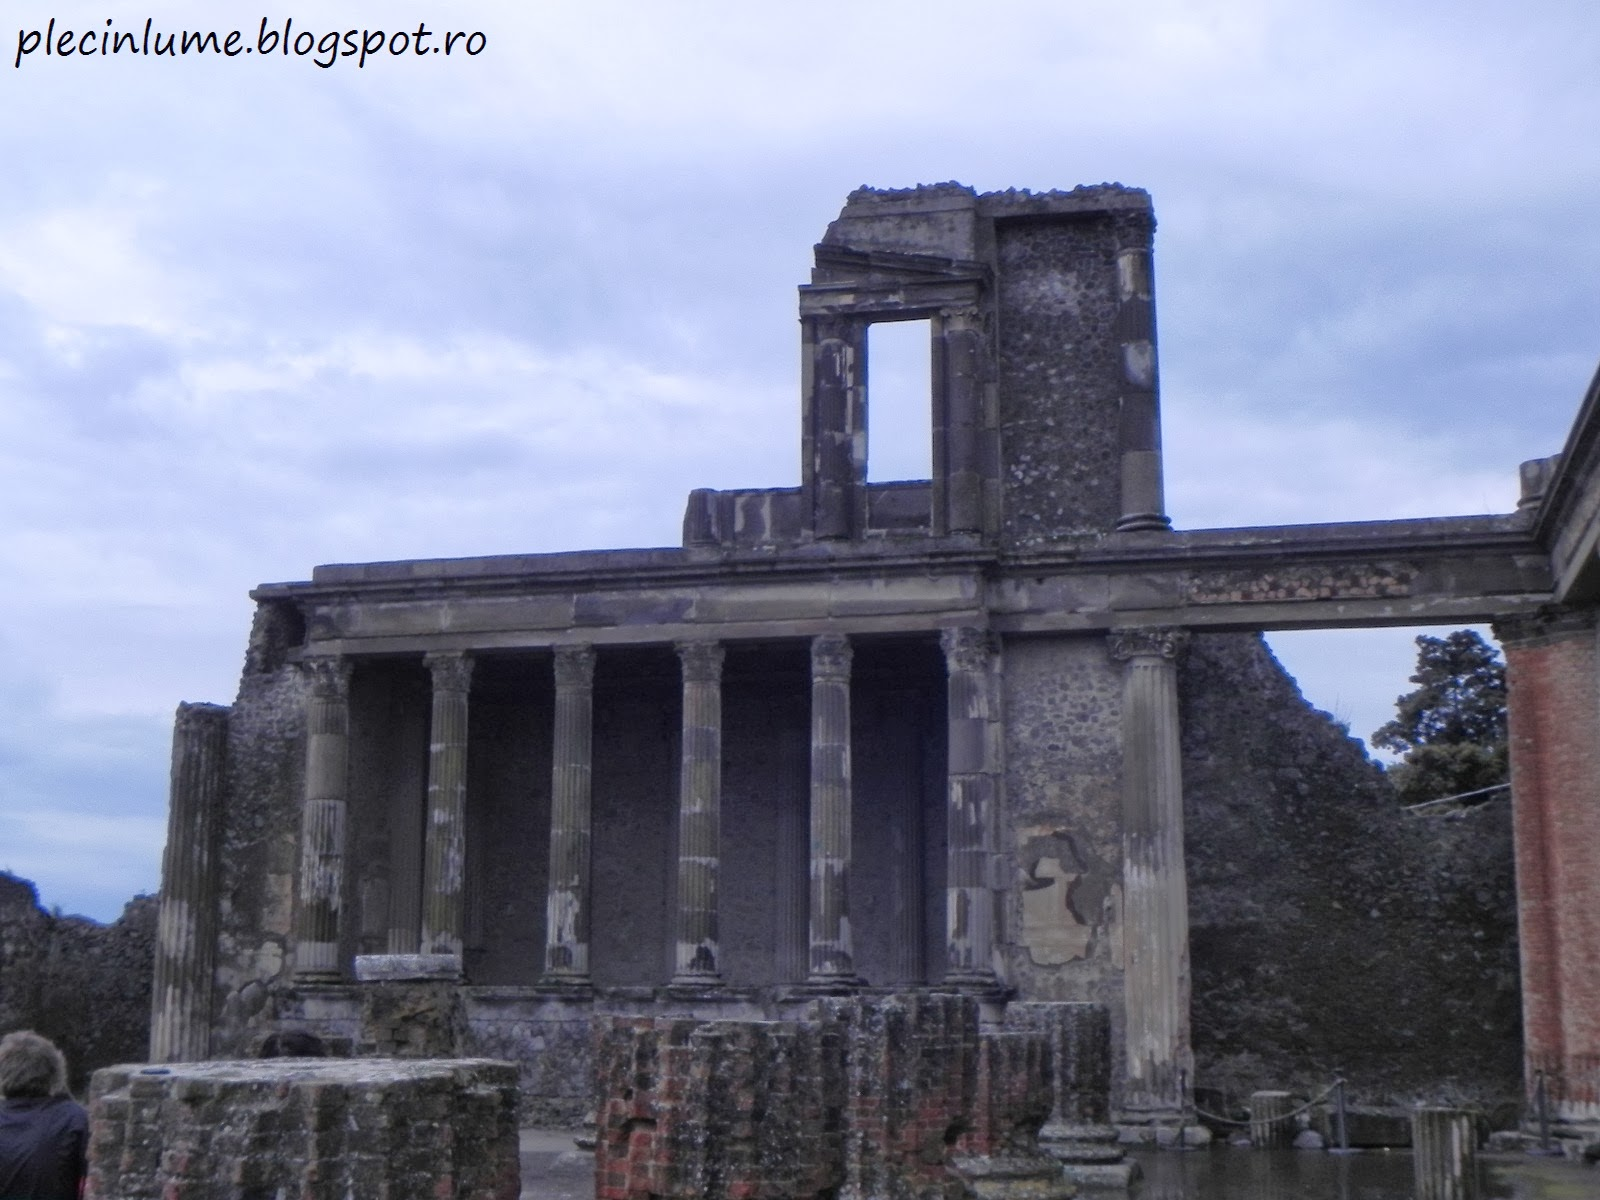 Ramasitele unui templu roman din Pompei